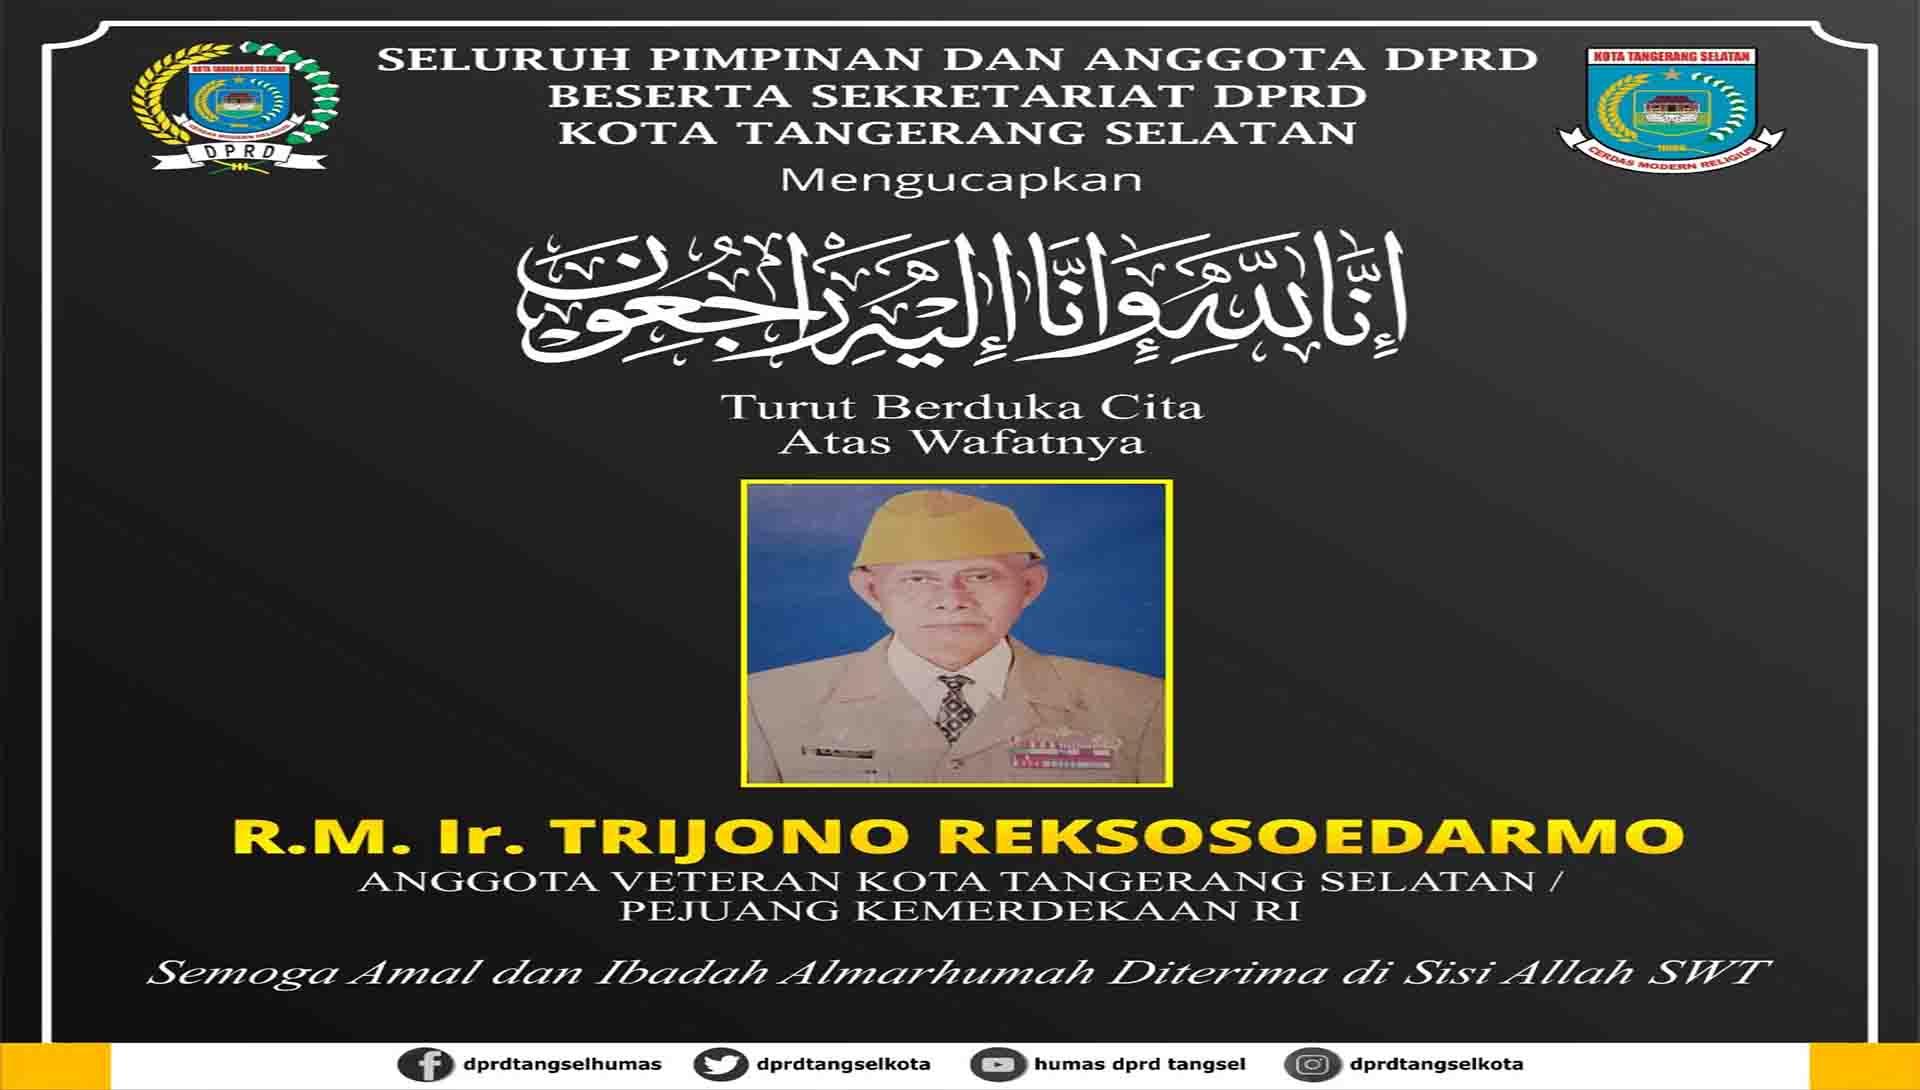 Turut Berduka Cita atas Wafatnya R.M. Ir. Trijono Reksosoedarmo